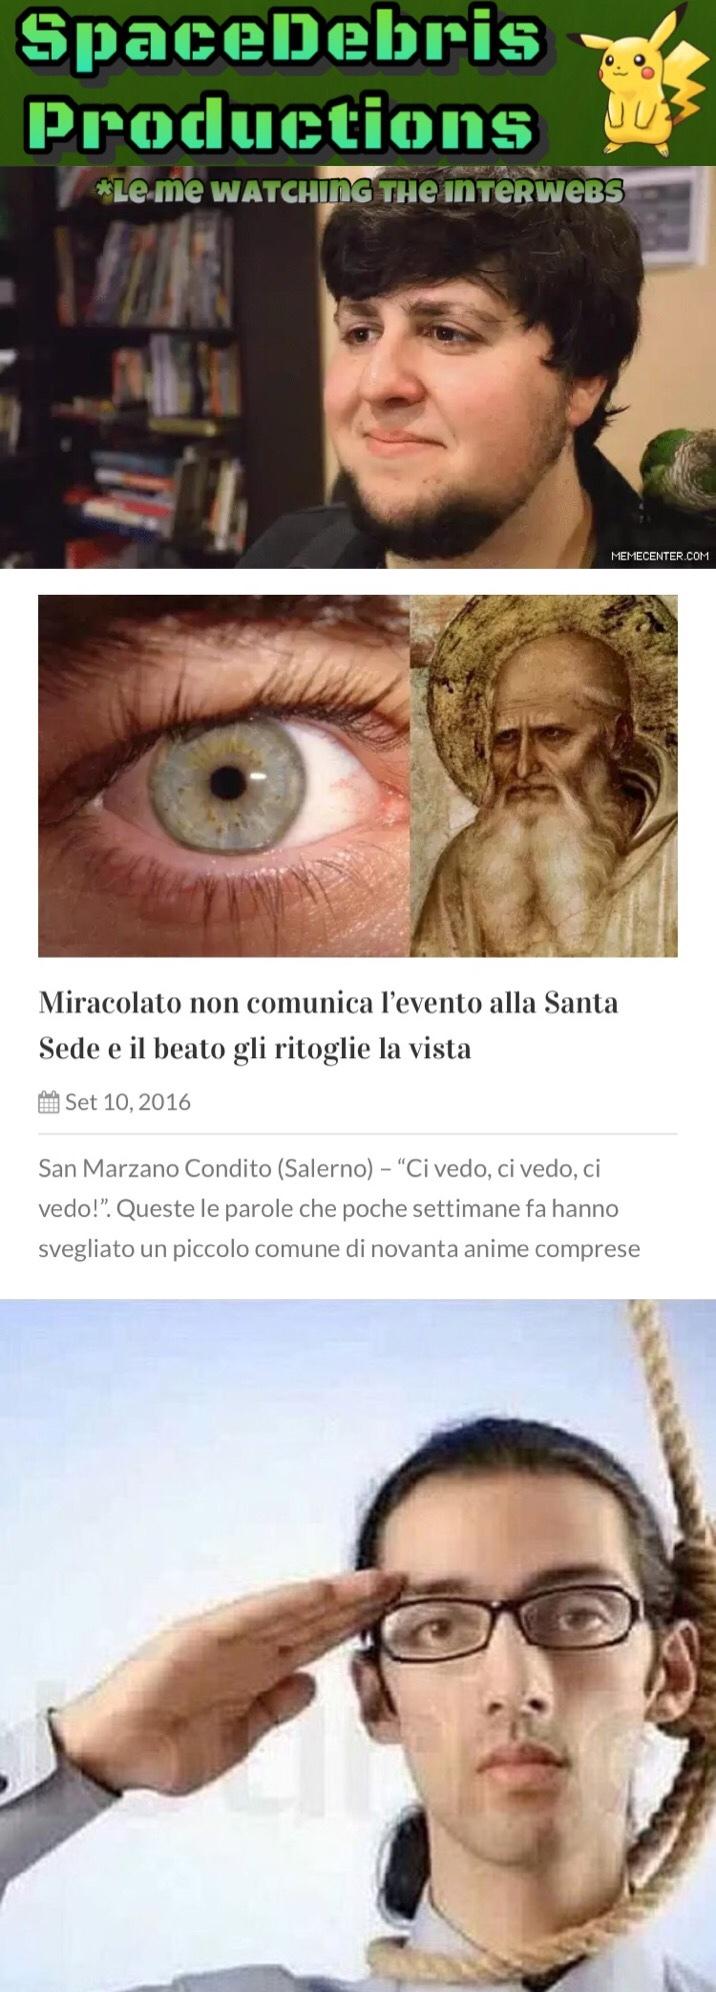 Ultimo meme di Lercio.it (La Stagione 2 sta finendo)